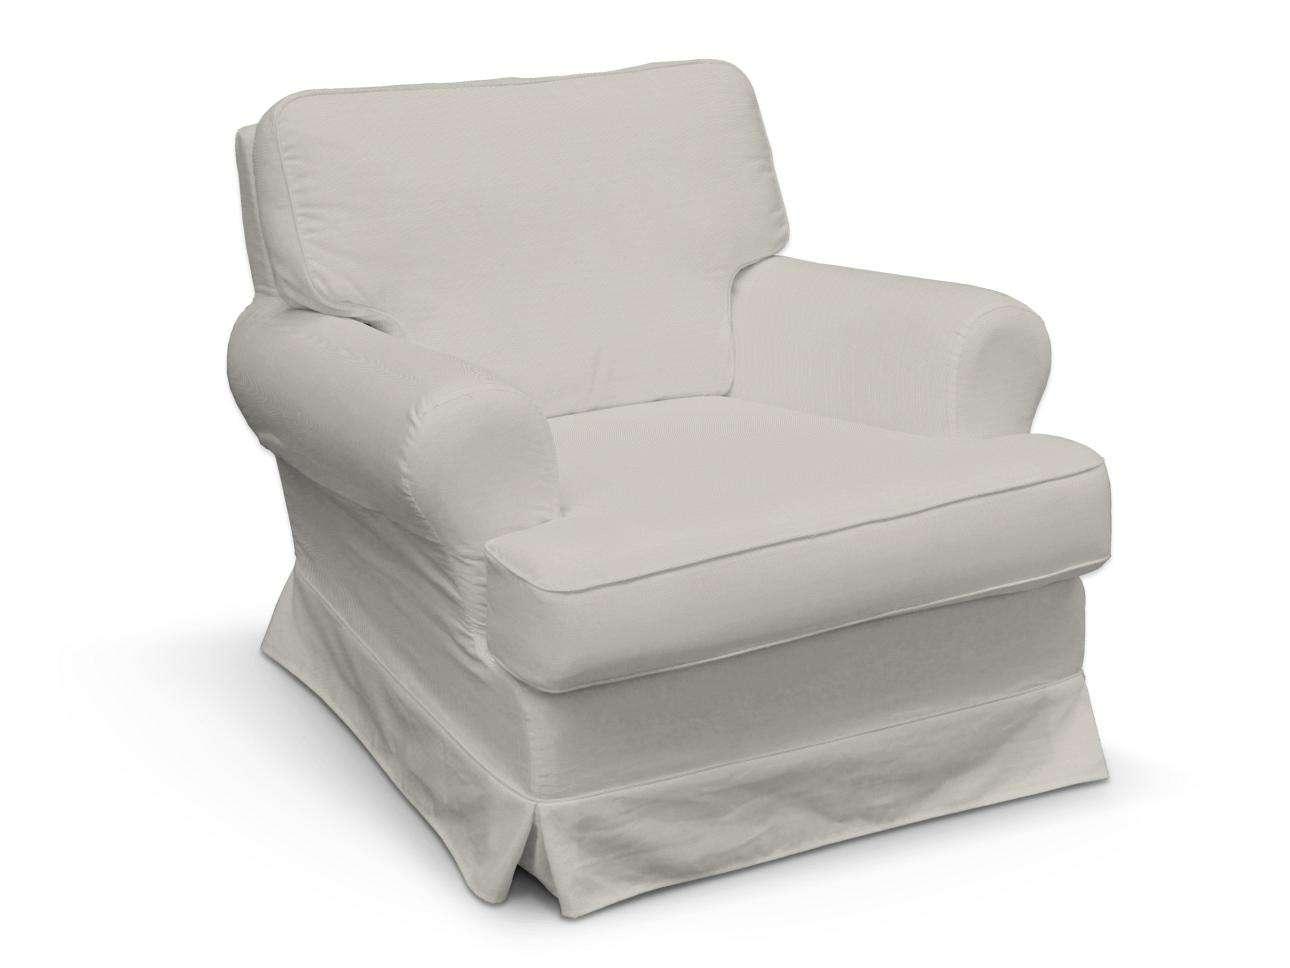 Barkaby fotelio užvalkalas Barkaby fotelio užvalkalas kolekcijoje Cotton Panama, audinys: 702-31